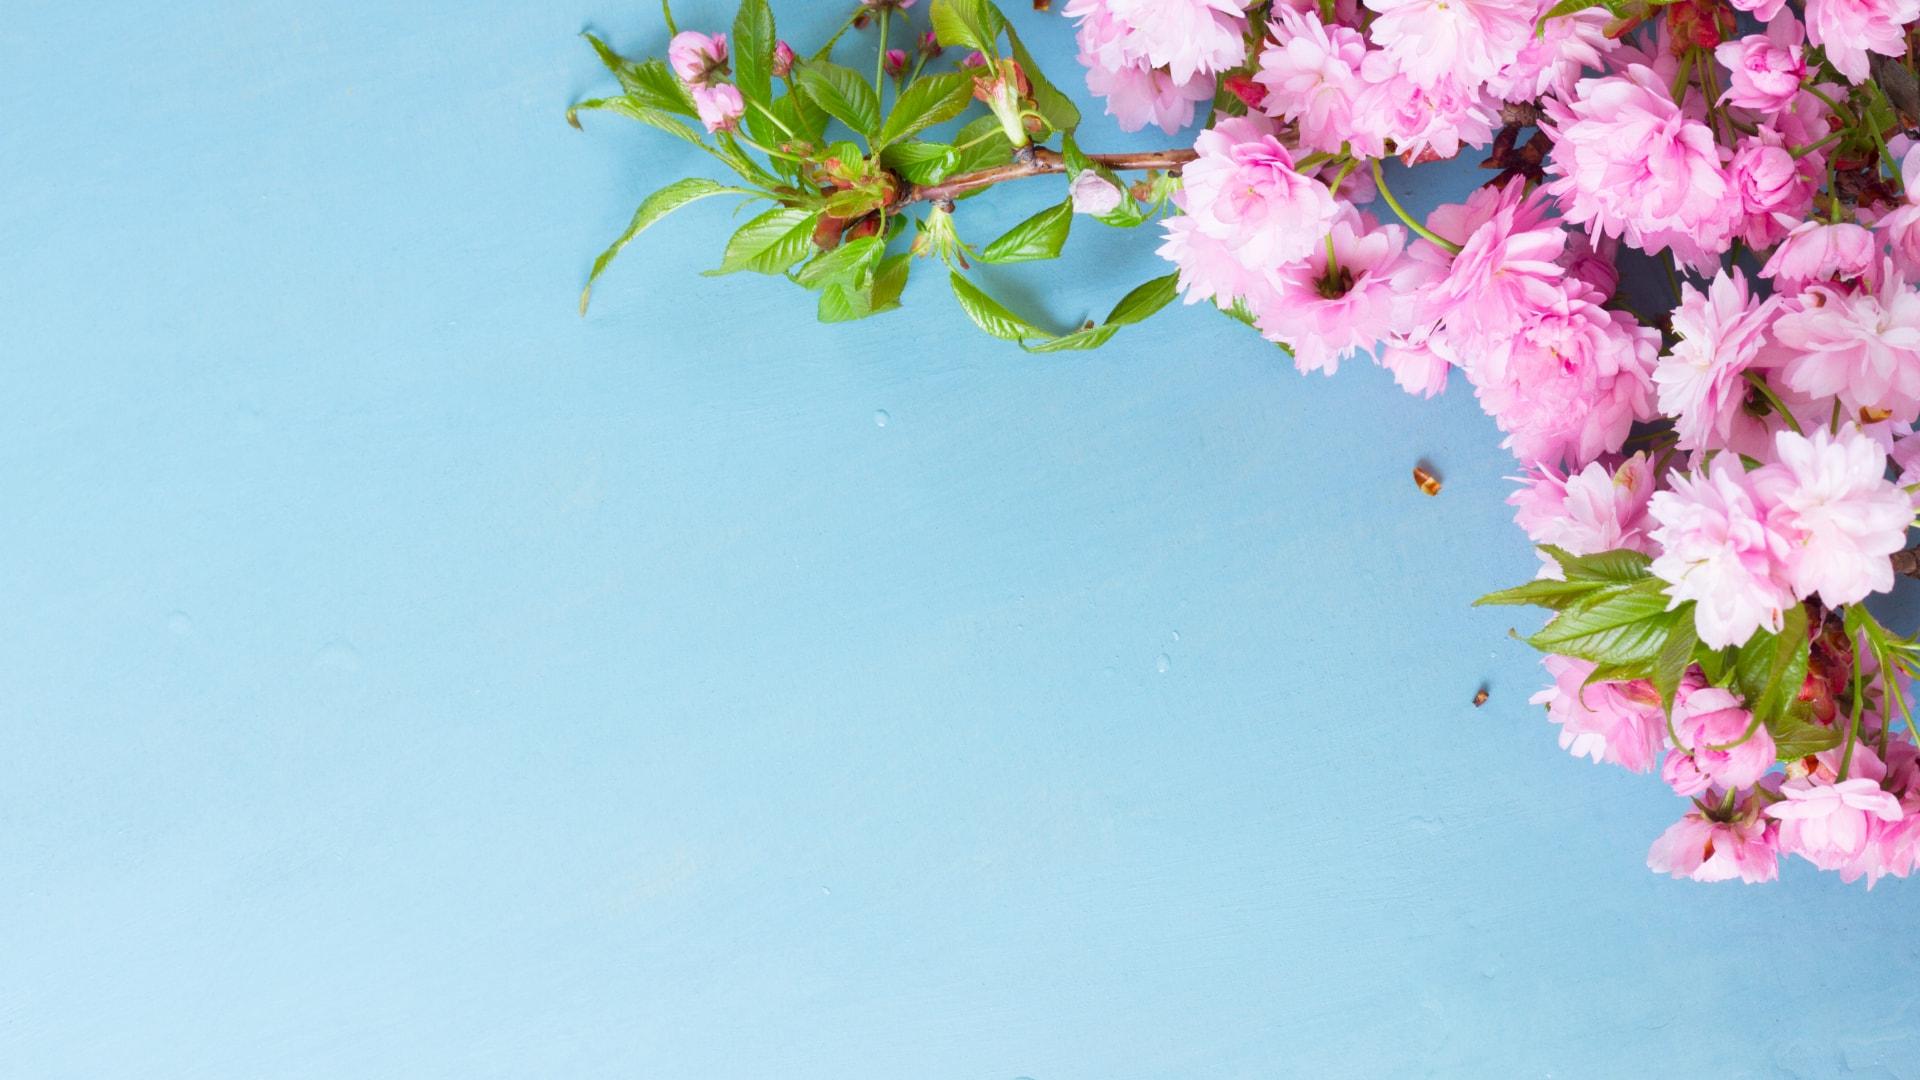 春らしいおしゃれな壁紙特集!フリーのPC・スマホ用画像総まとめ